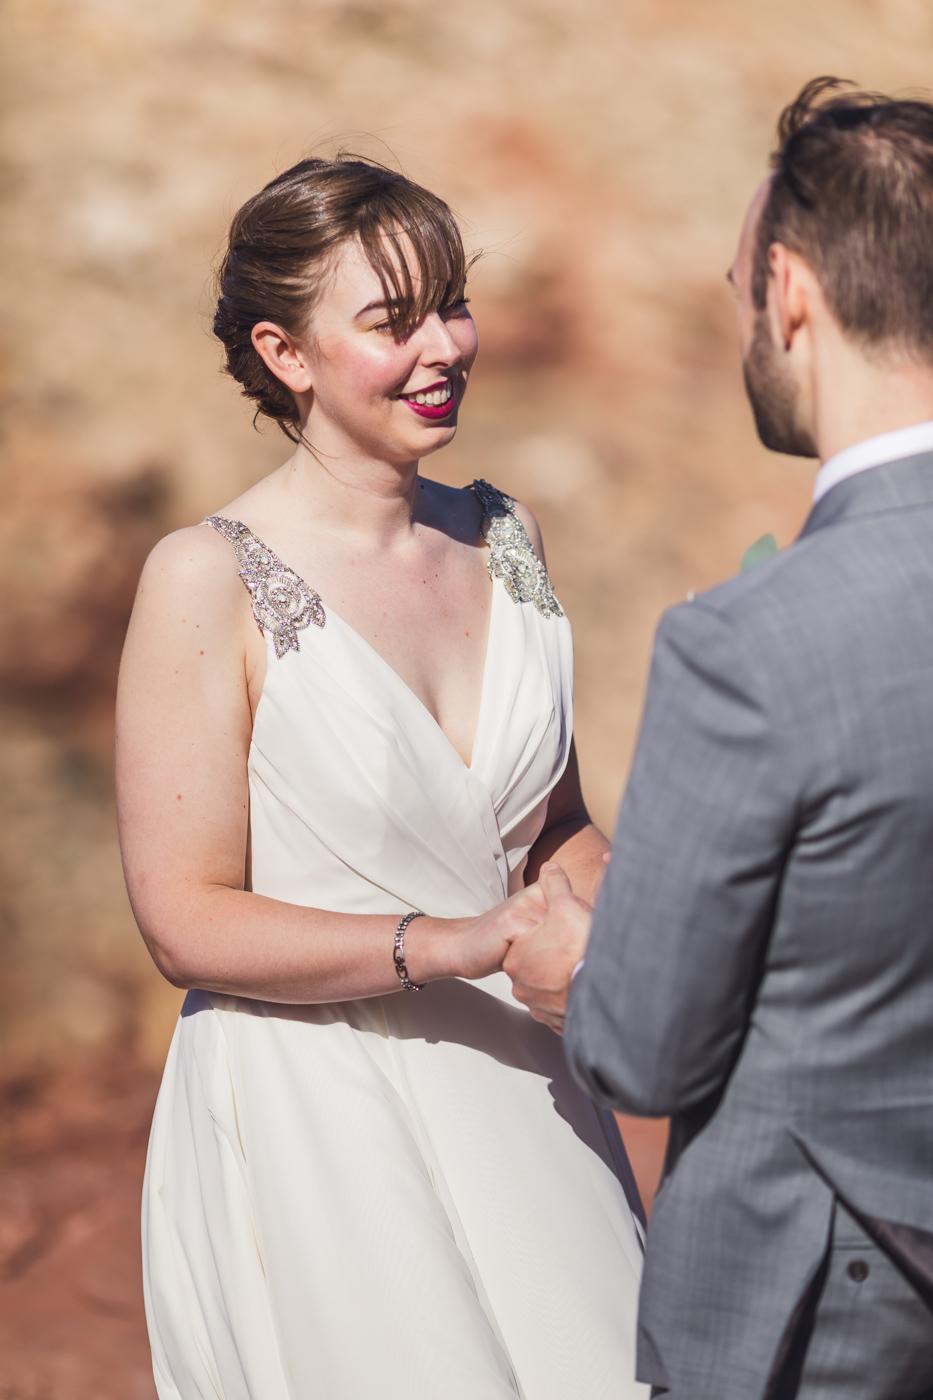 az-bride-smiling